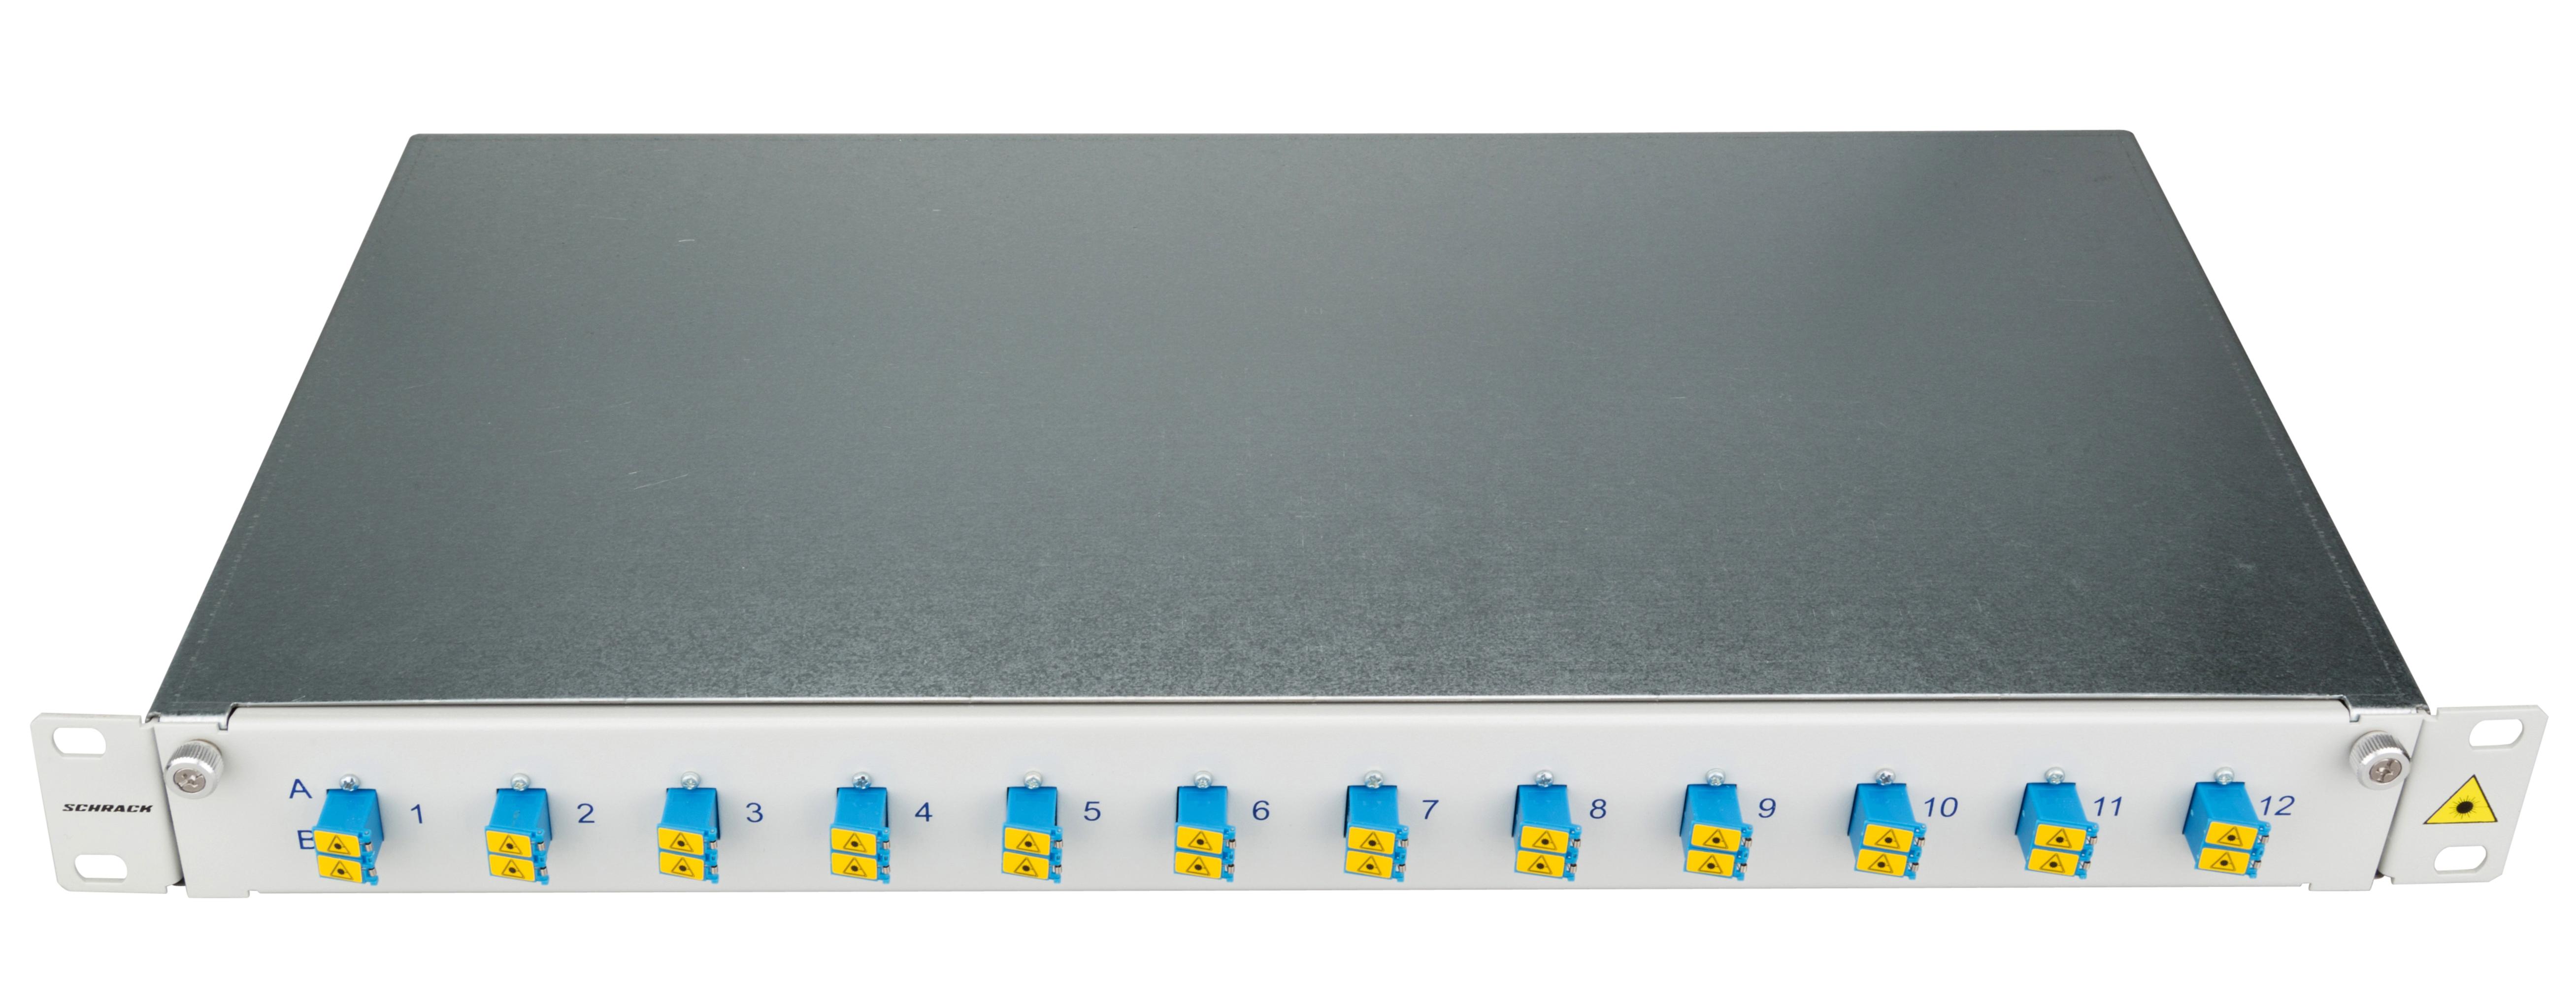 1 Stk LWL Patchpanel 19, 1 HE, ausziehbar, für 4 Fasern, LC, SM HSELS04SLG